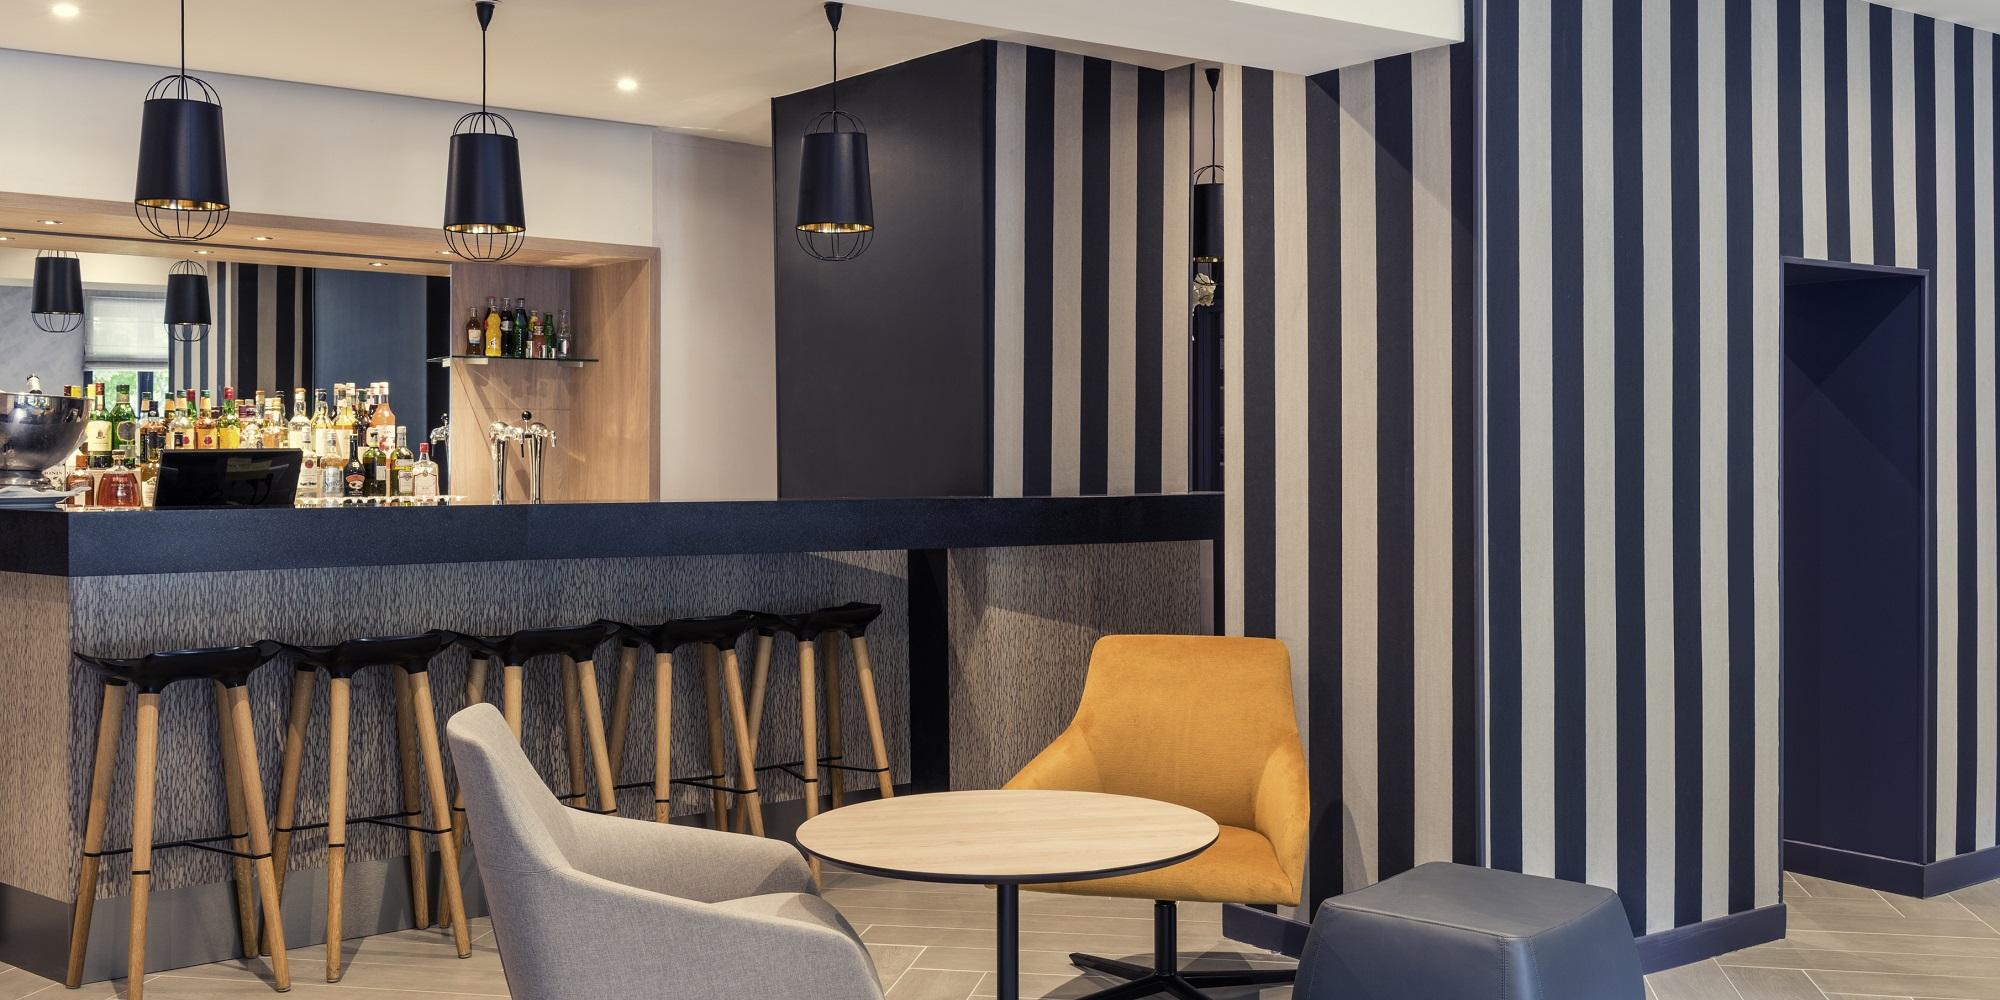 brunch mercure paris ouest st germain 78100 saint germain. Black Bedroom Furniture Sets. Home Design Ideas